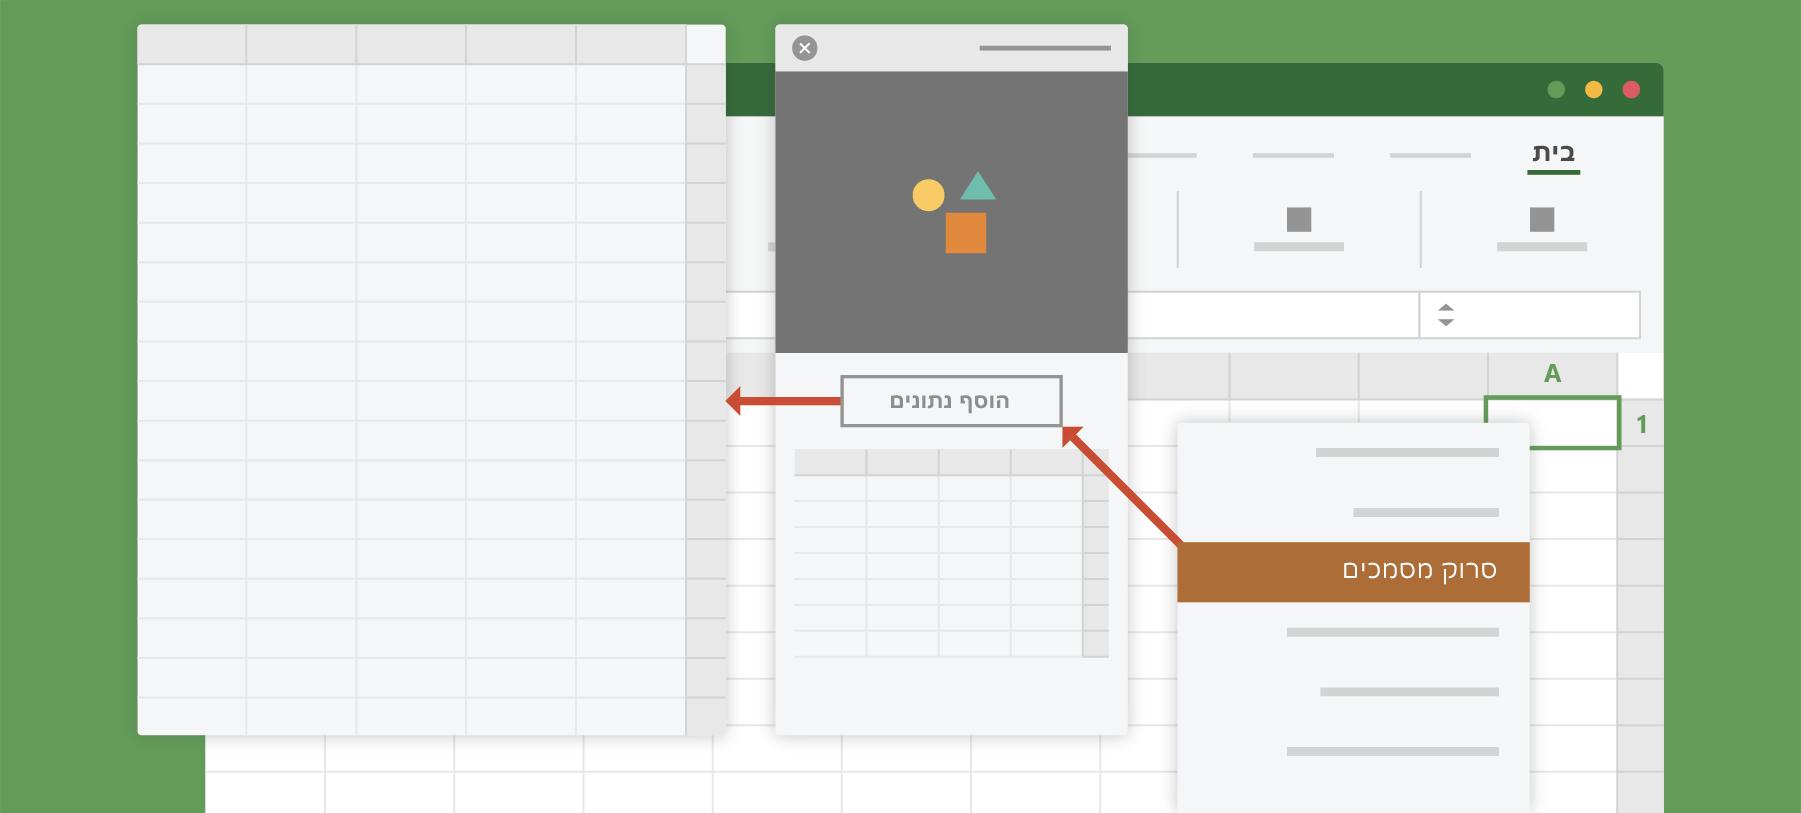 הצגת אפשרות 'סריקת מסמך' ב- Excel